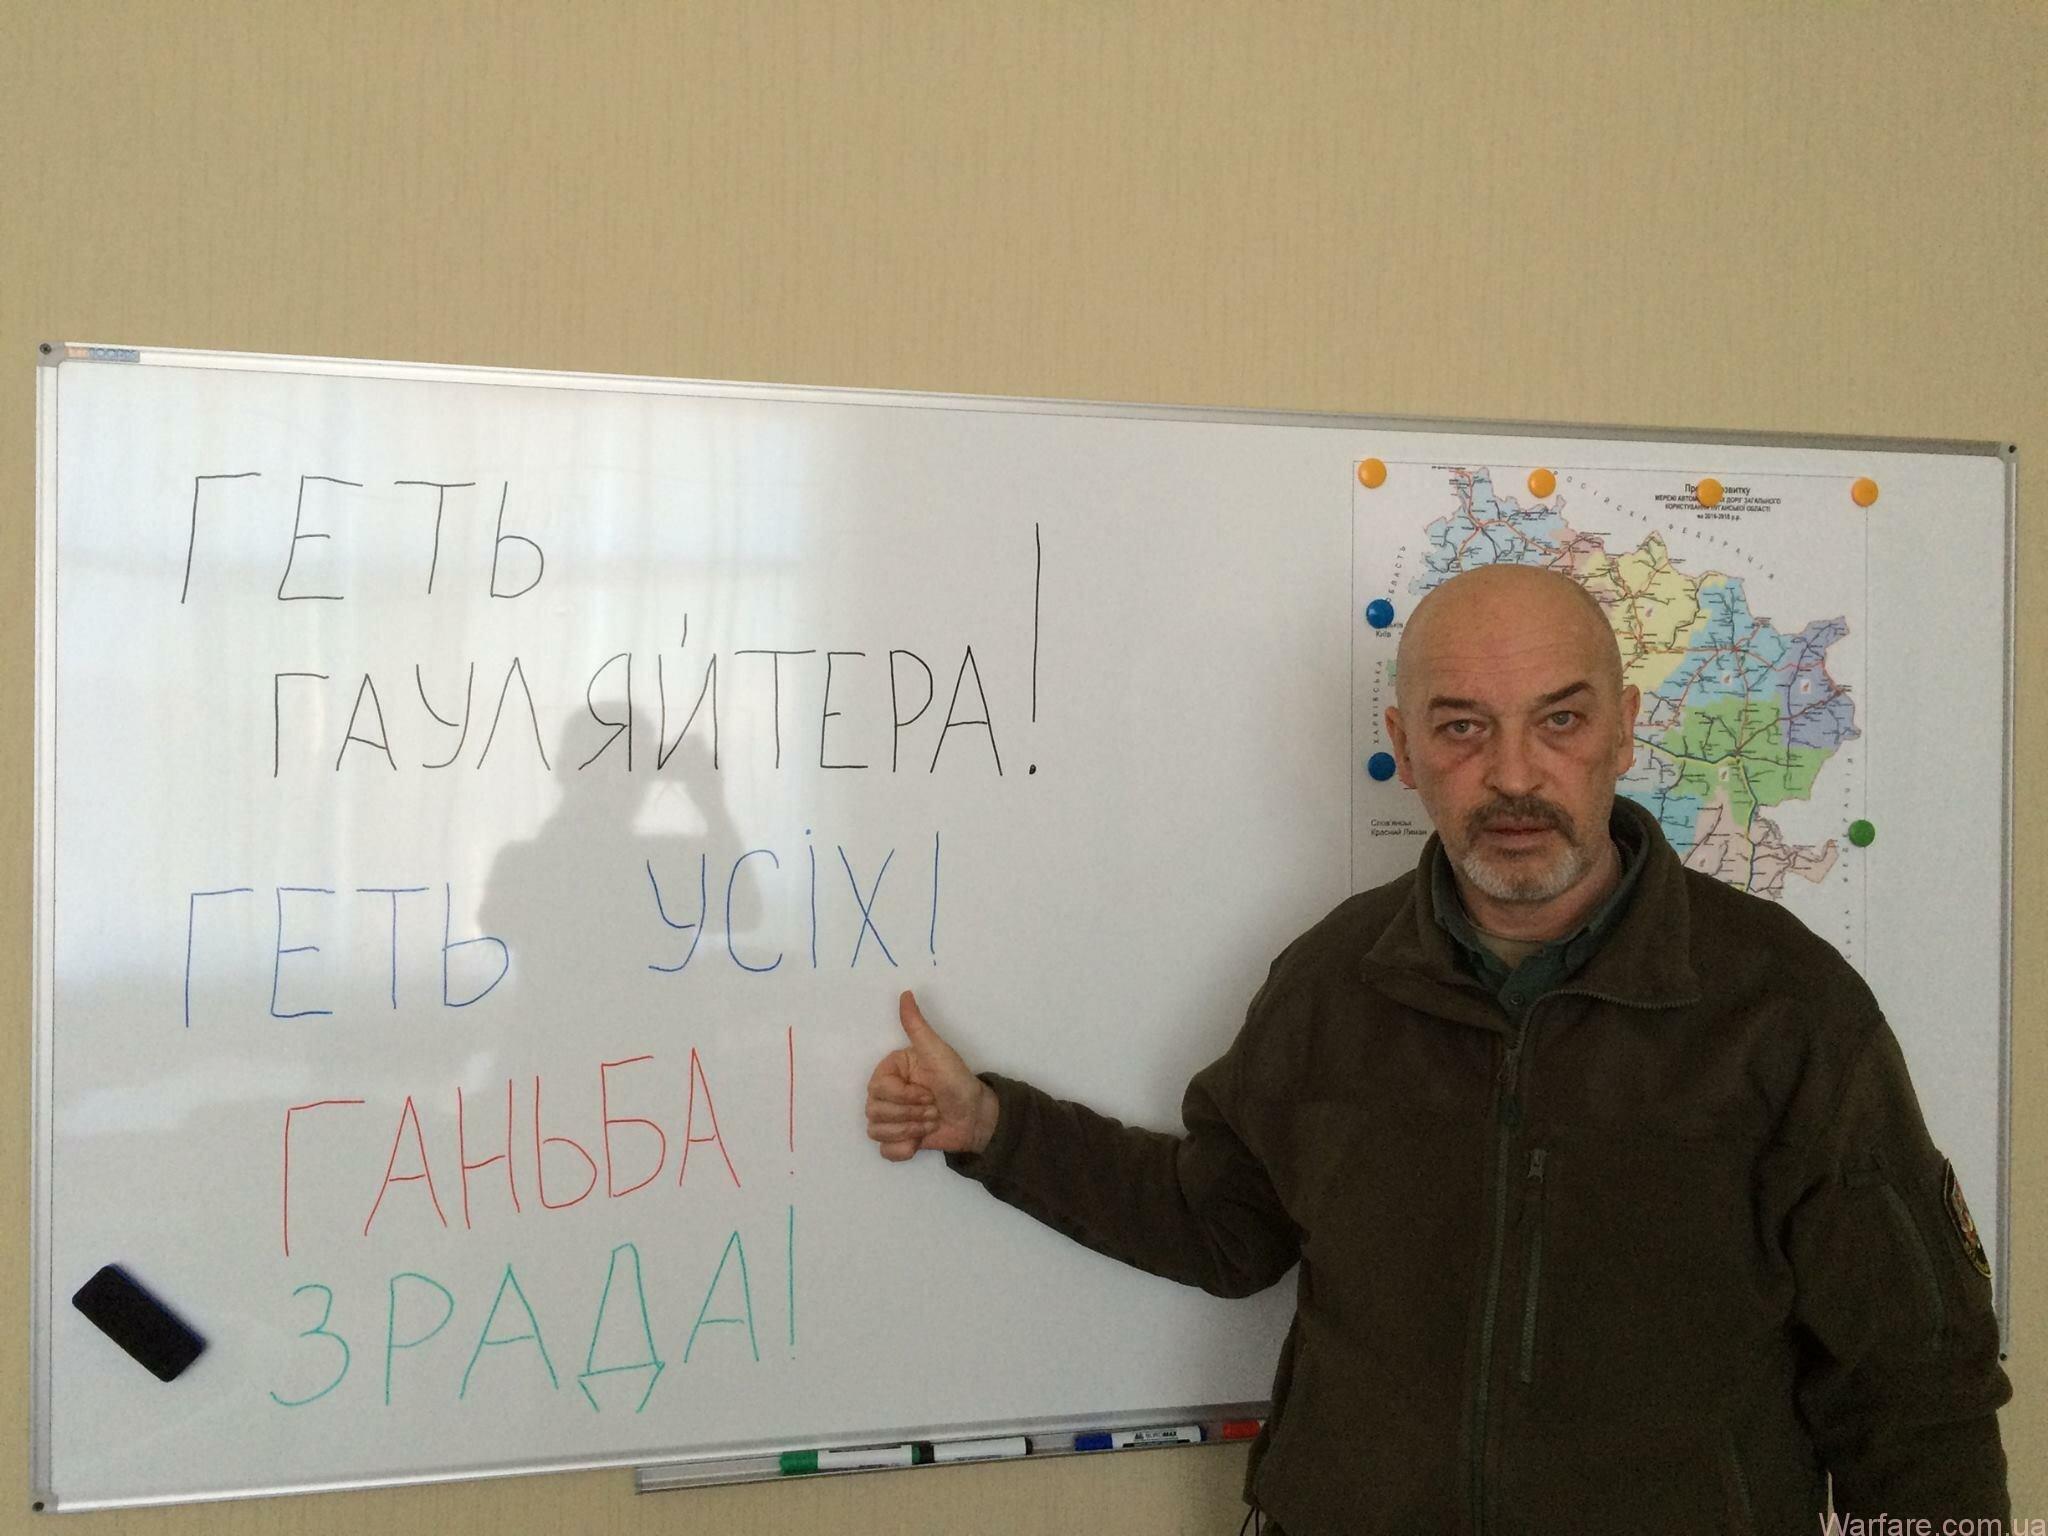 Тука: Глава области (любой) – политическая фигура. И PR, очевидно, одна из составляющих работы политика. Фото: Георгій Тука / Facebook